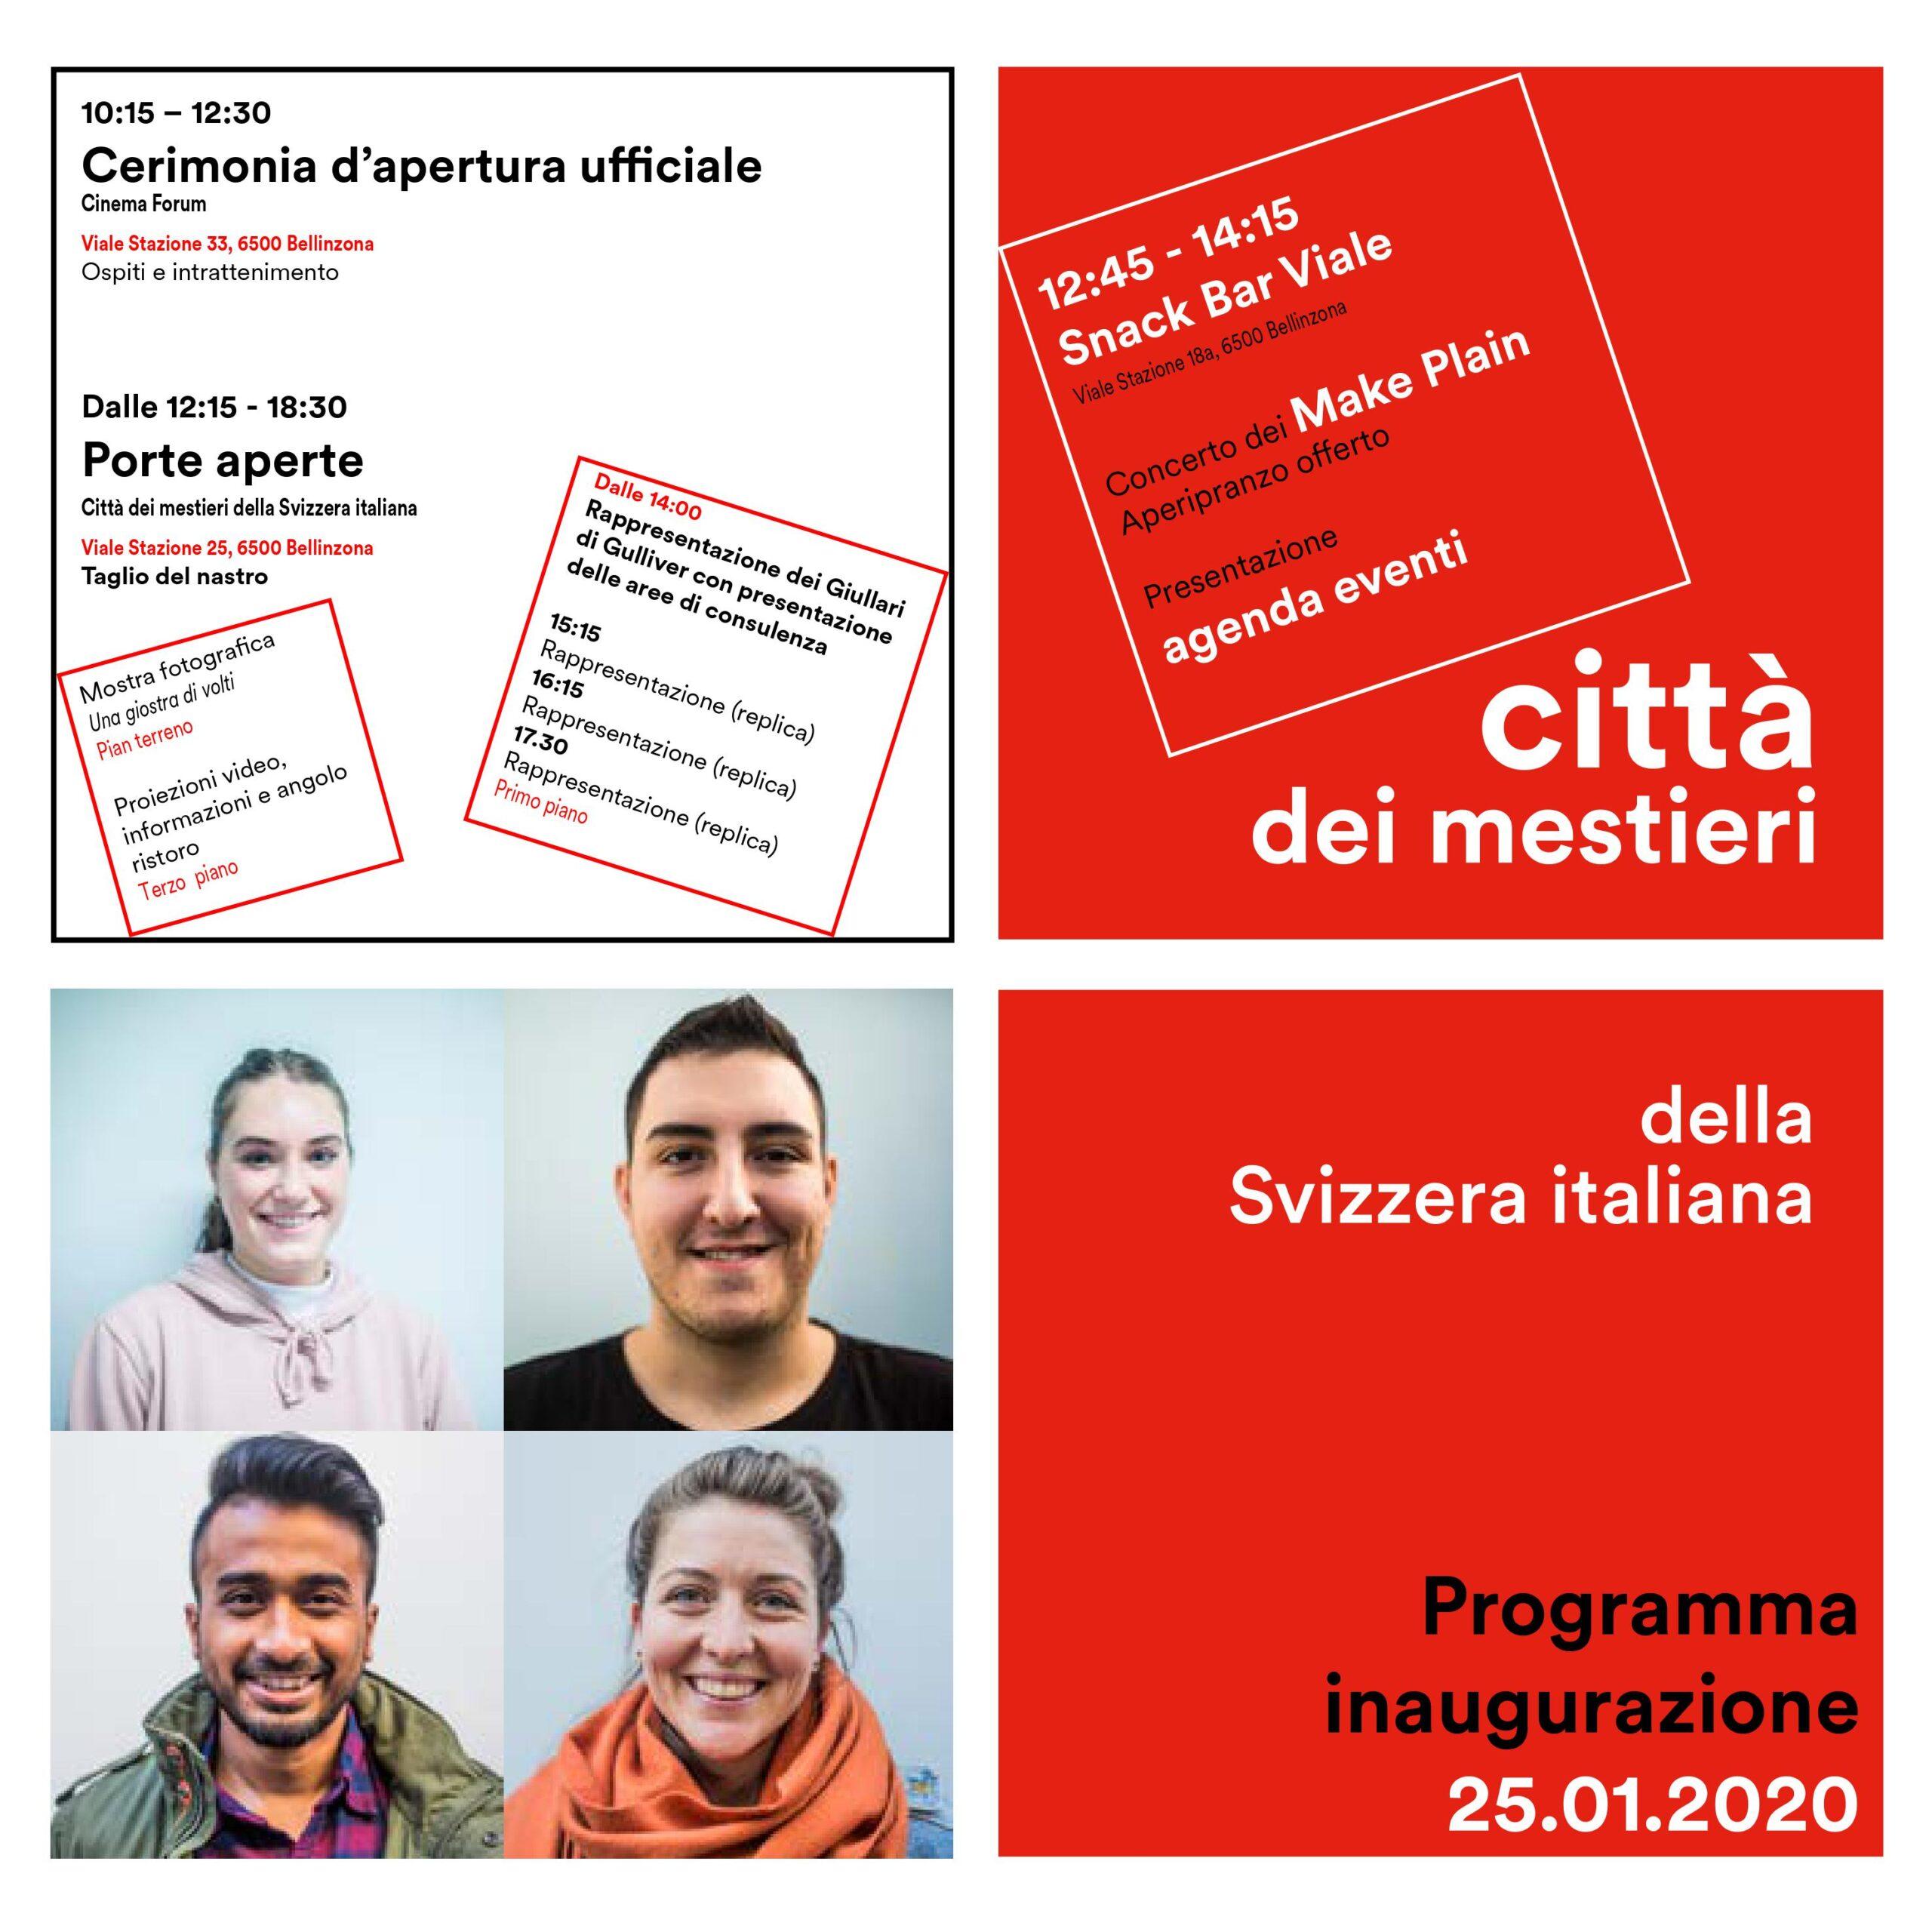 Città dei mestieri della Svizzera italiana